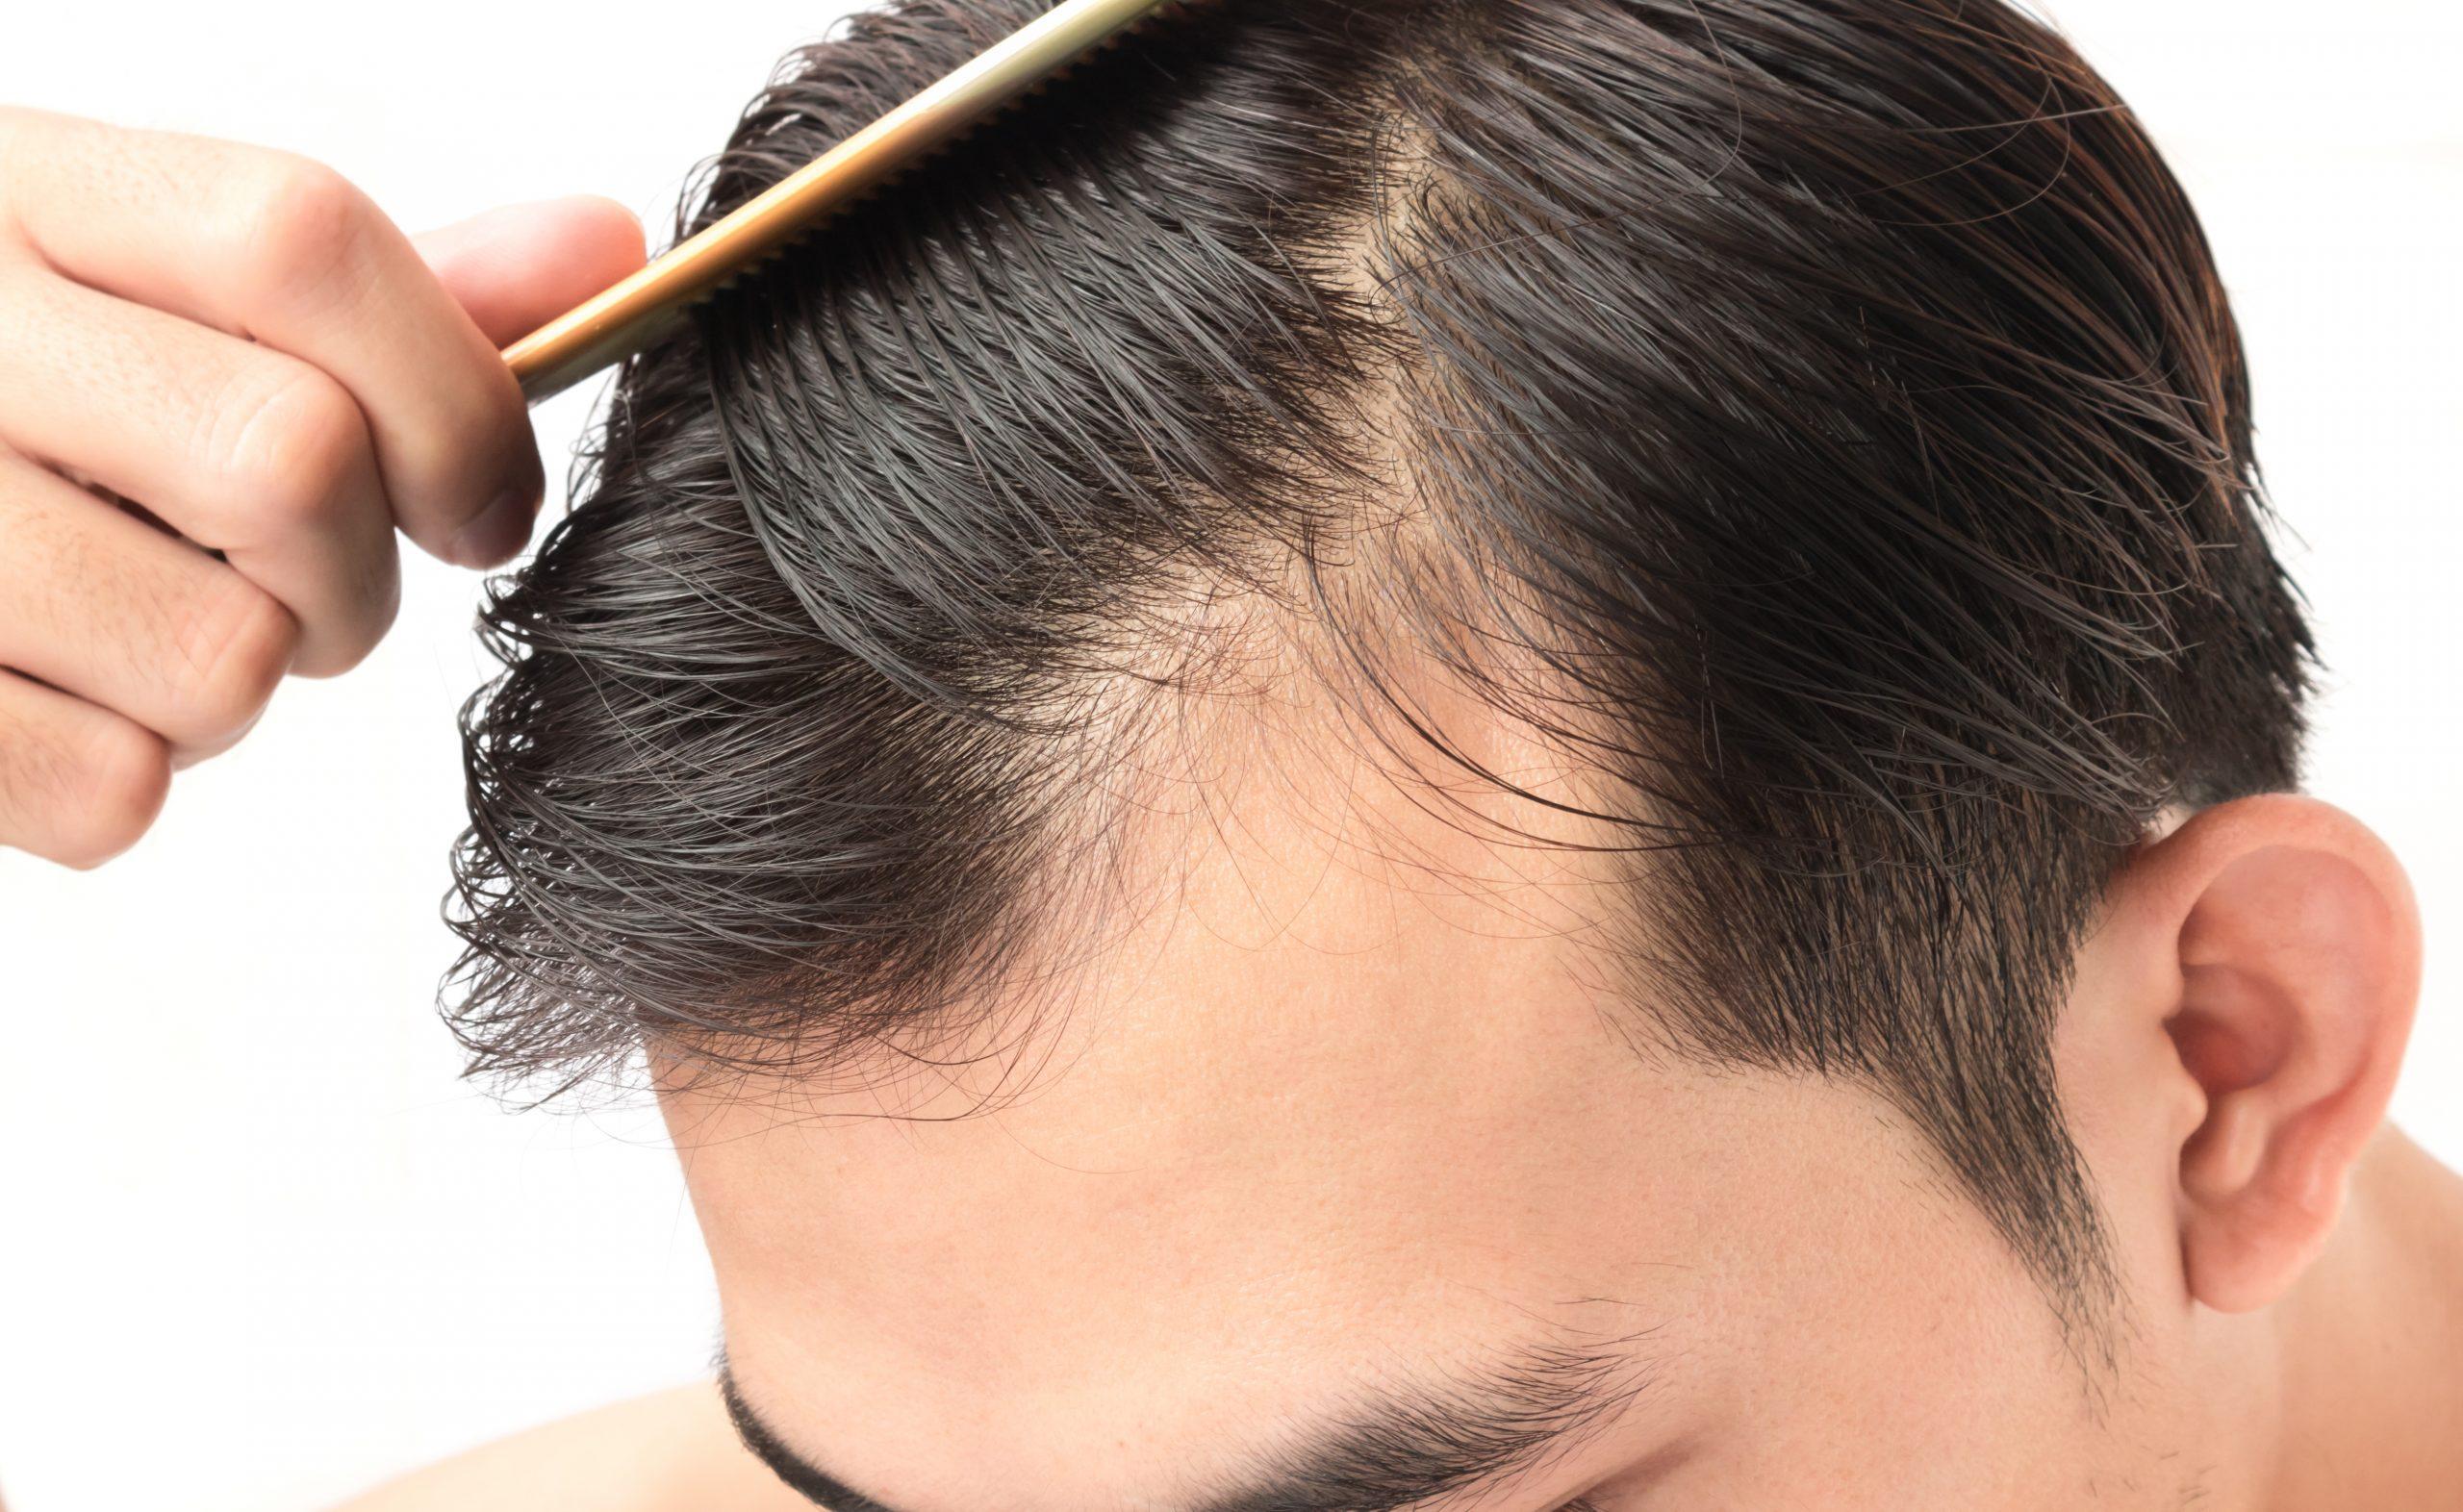 頭髮變幼不能忽視, 可以成為脫髮的主要原因